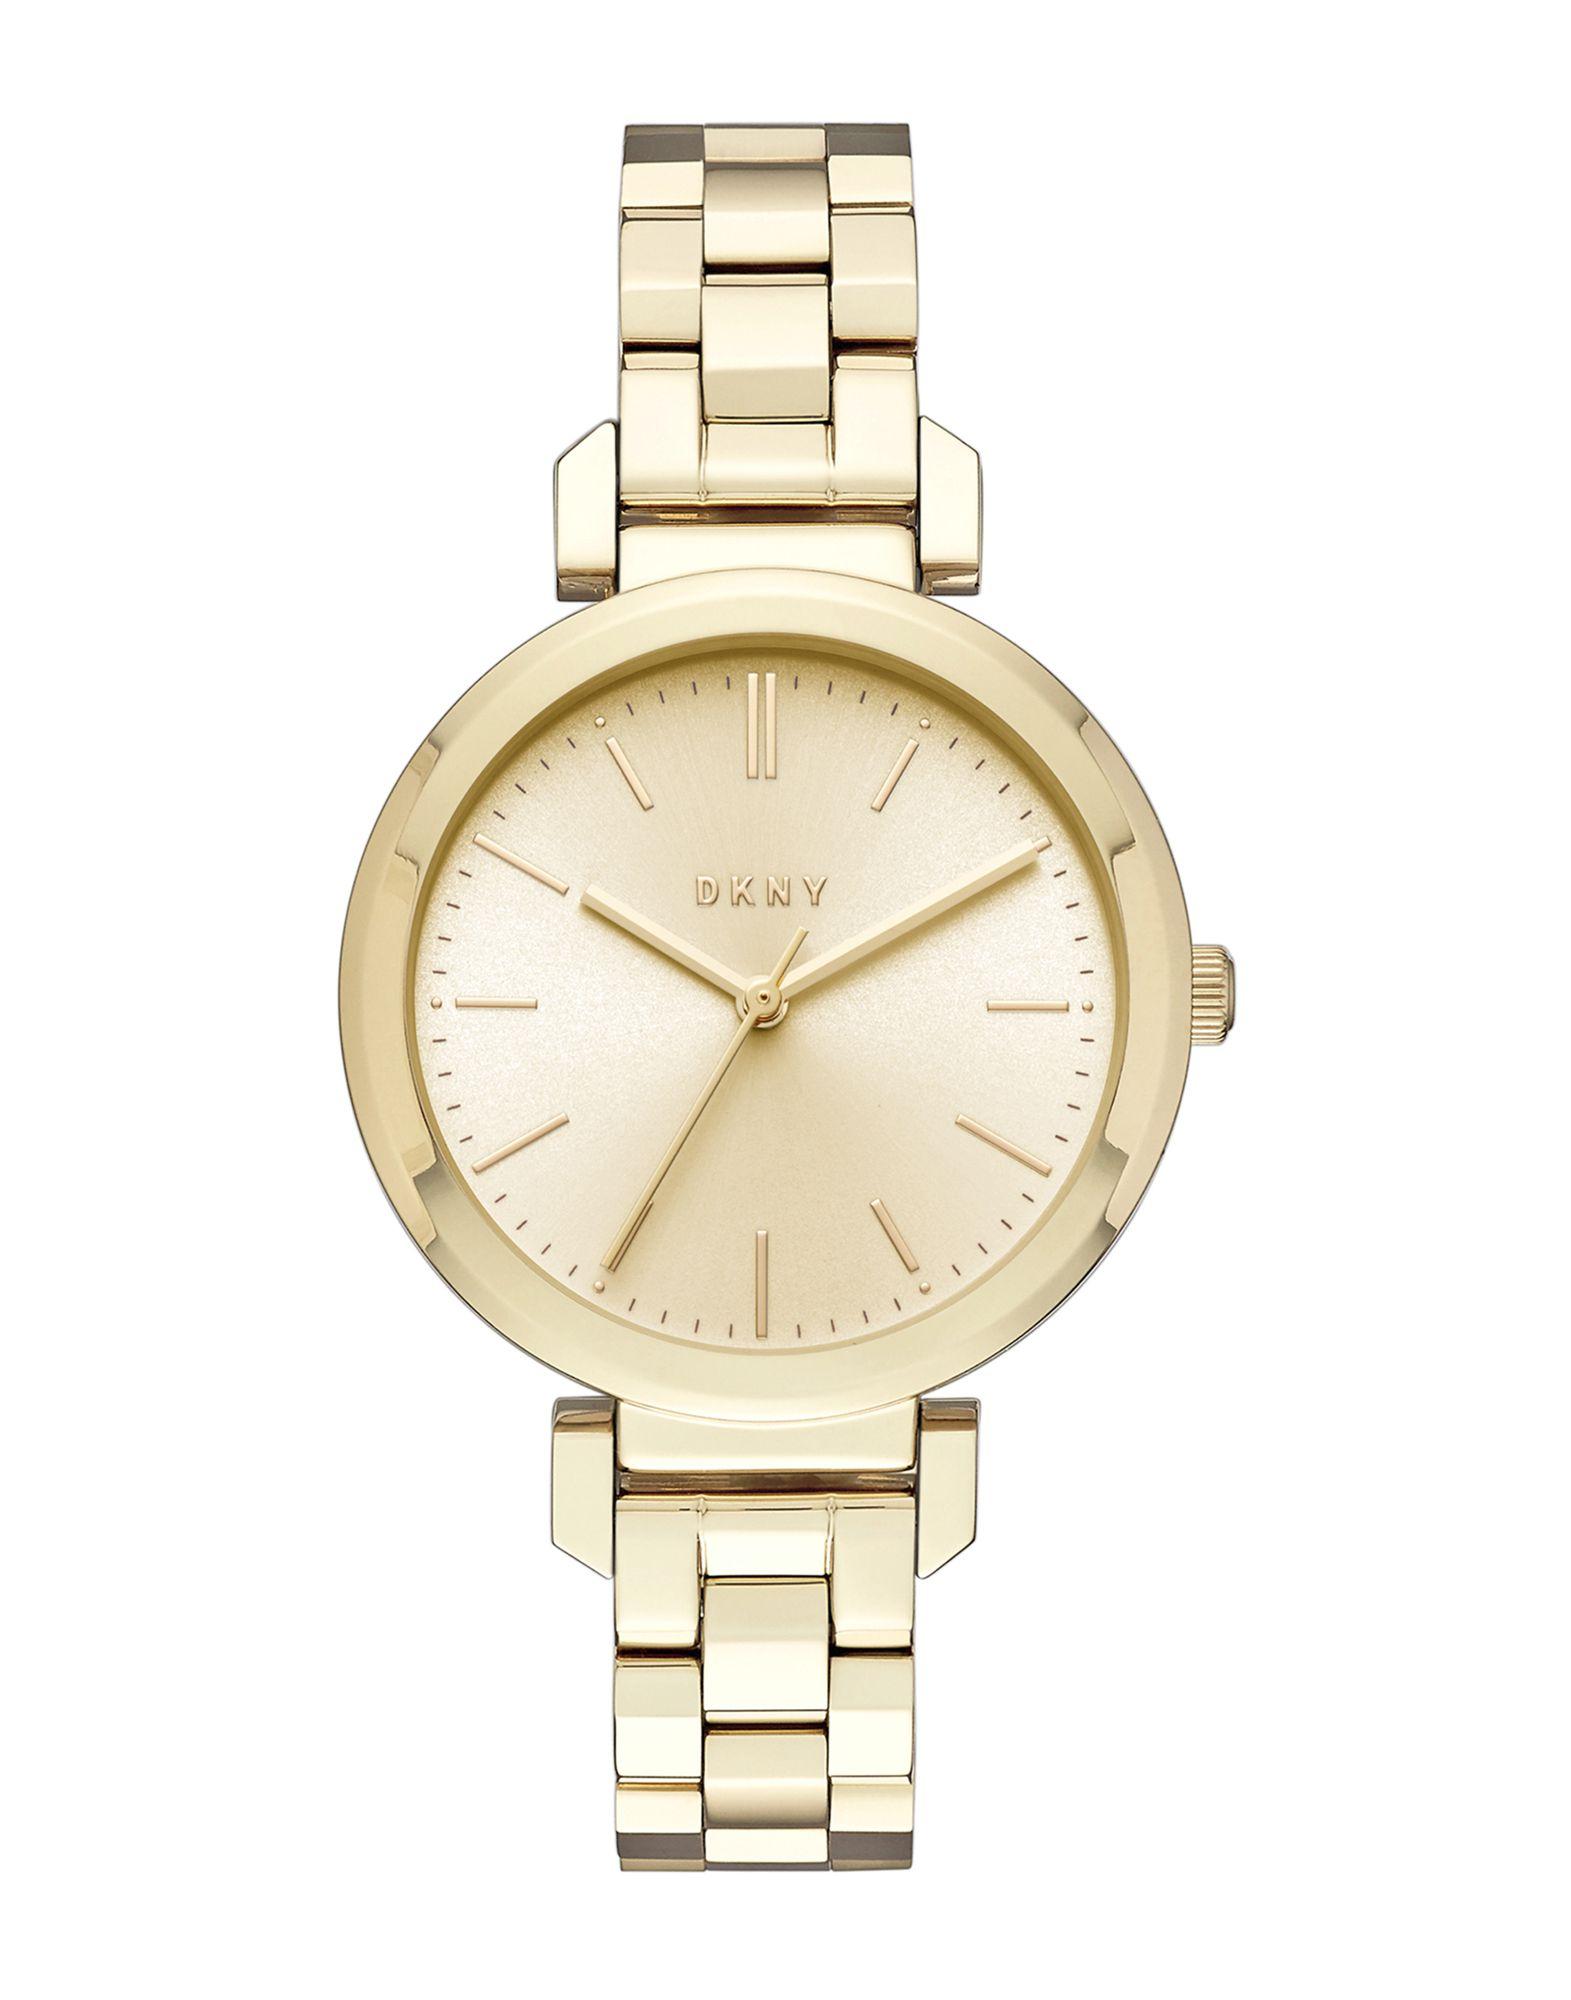 《送料無料》DKNY レディース 腕時計 ゴールド ステンレススチール ELLINGTON